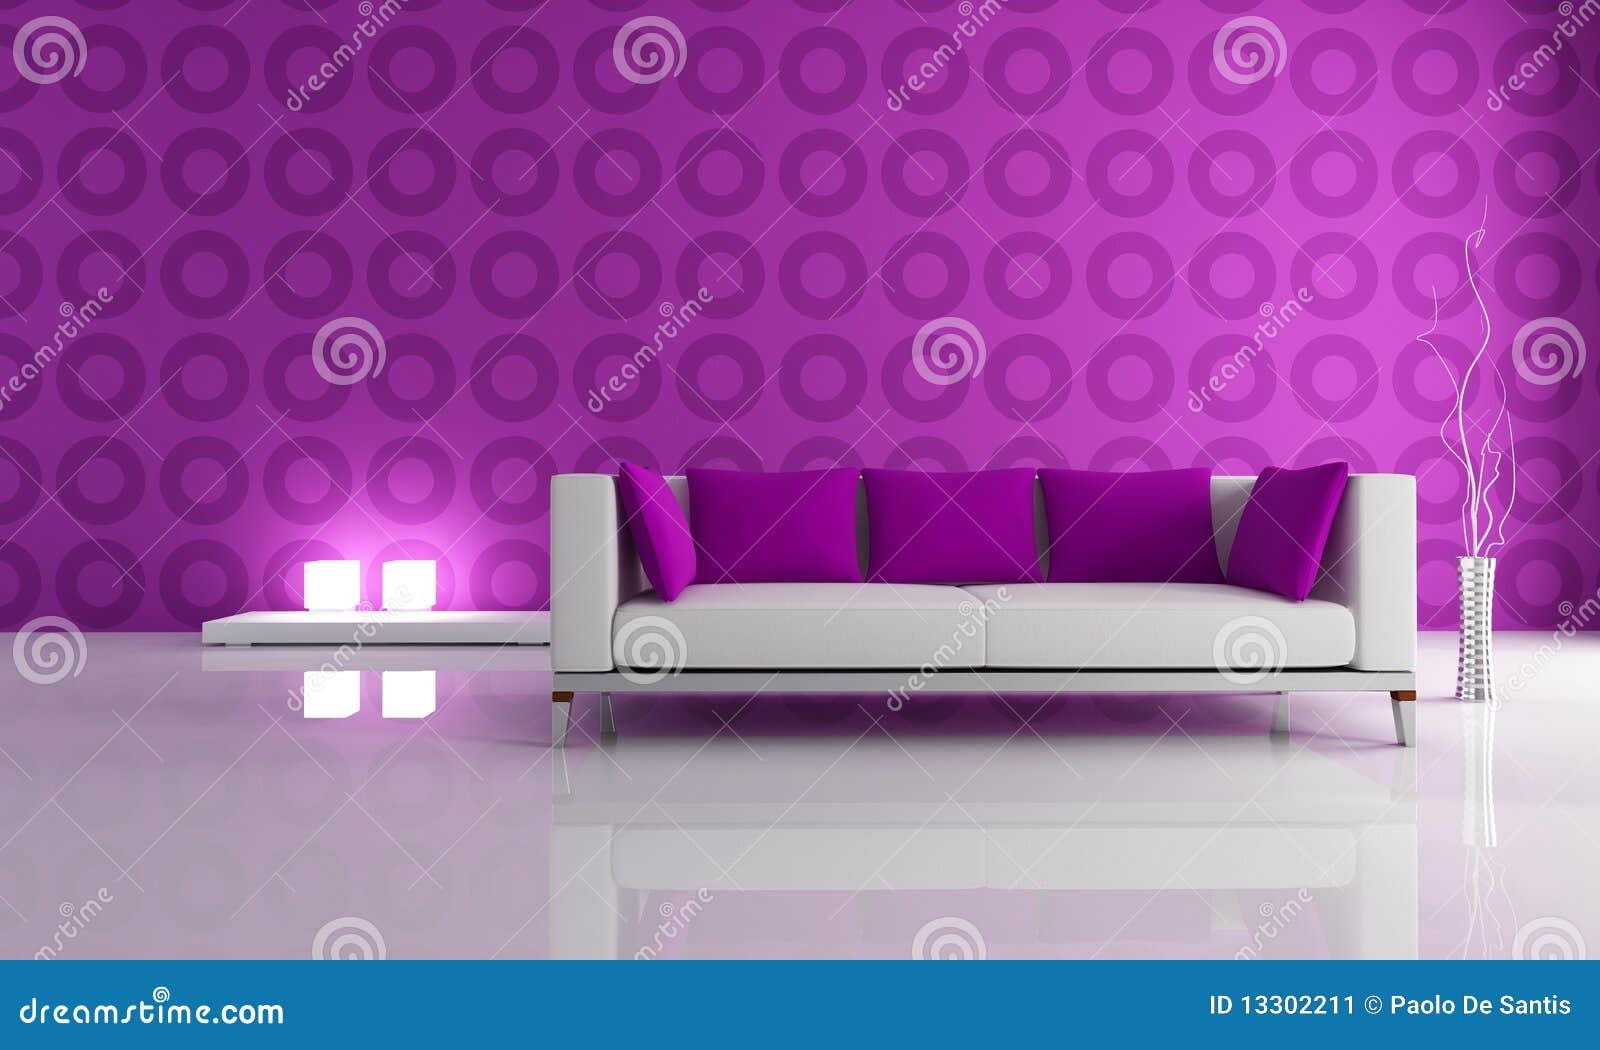 Salotto moderno bianco e viola immagine stock immagine for Salotto moderno bianco